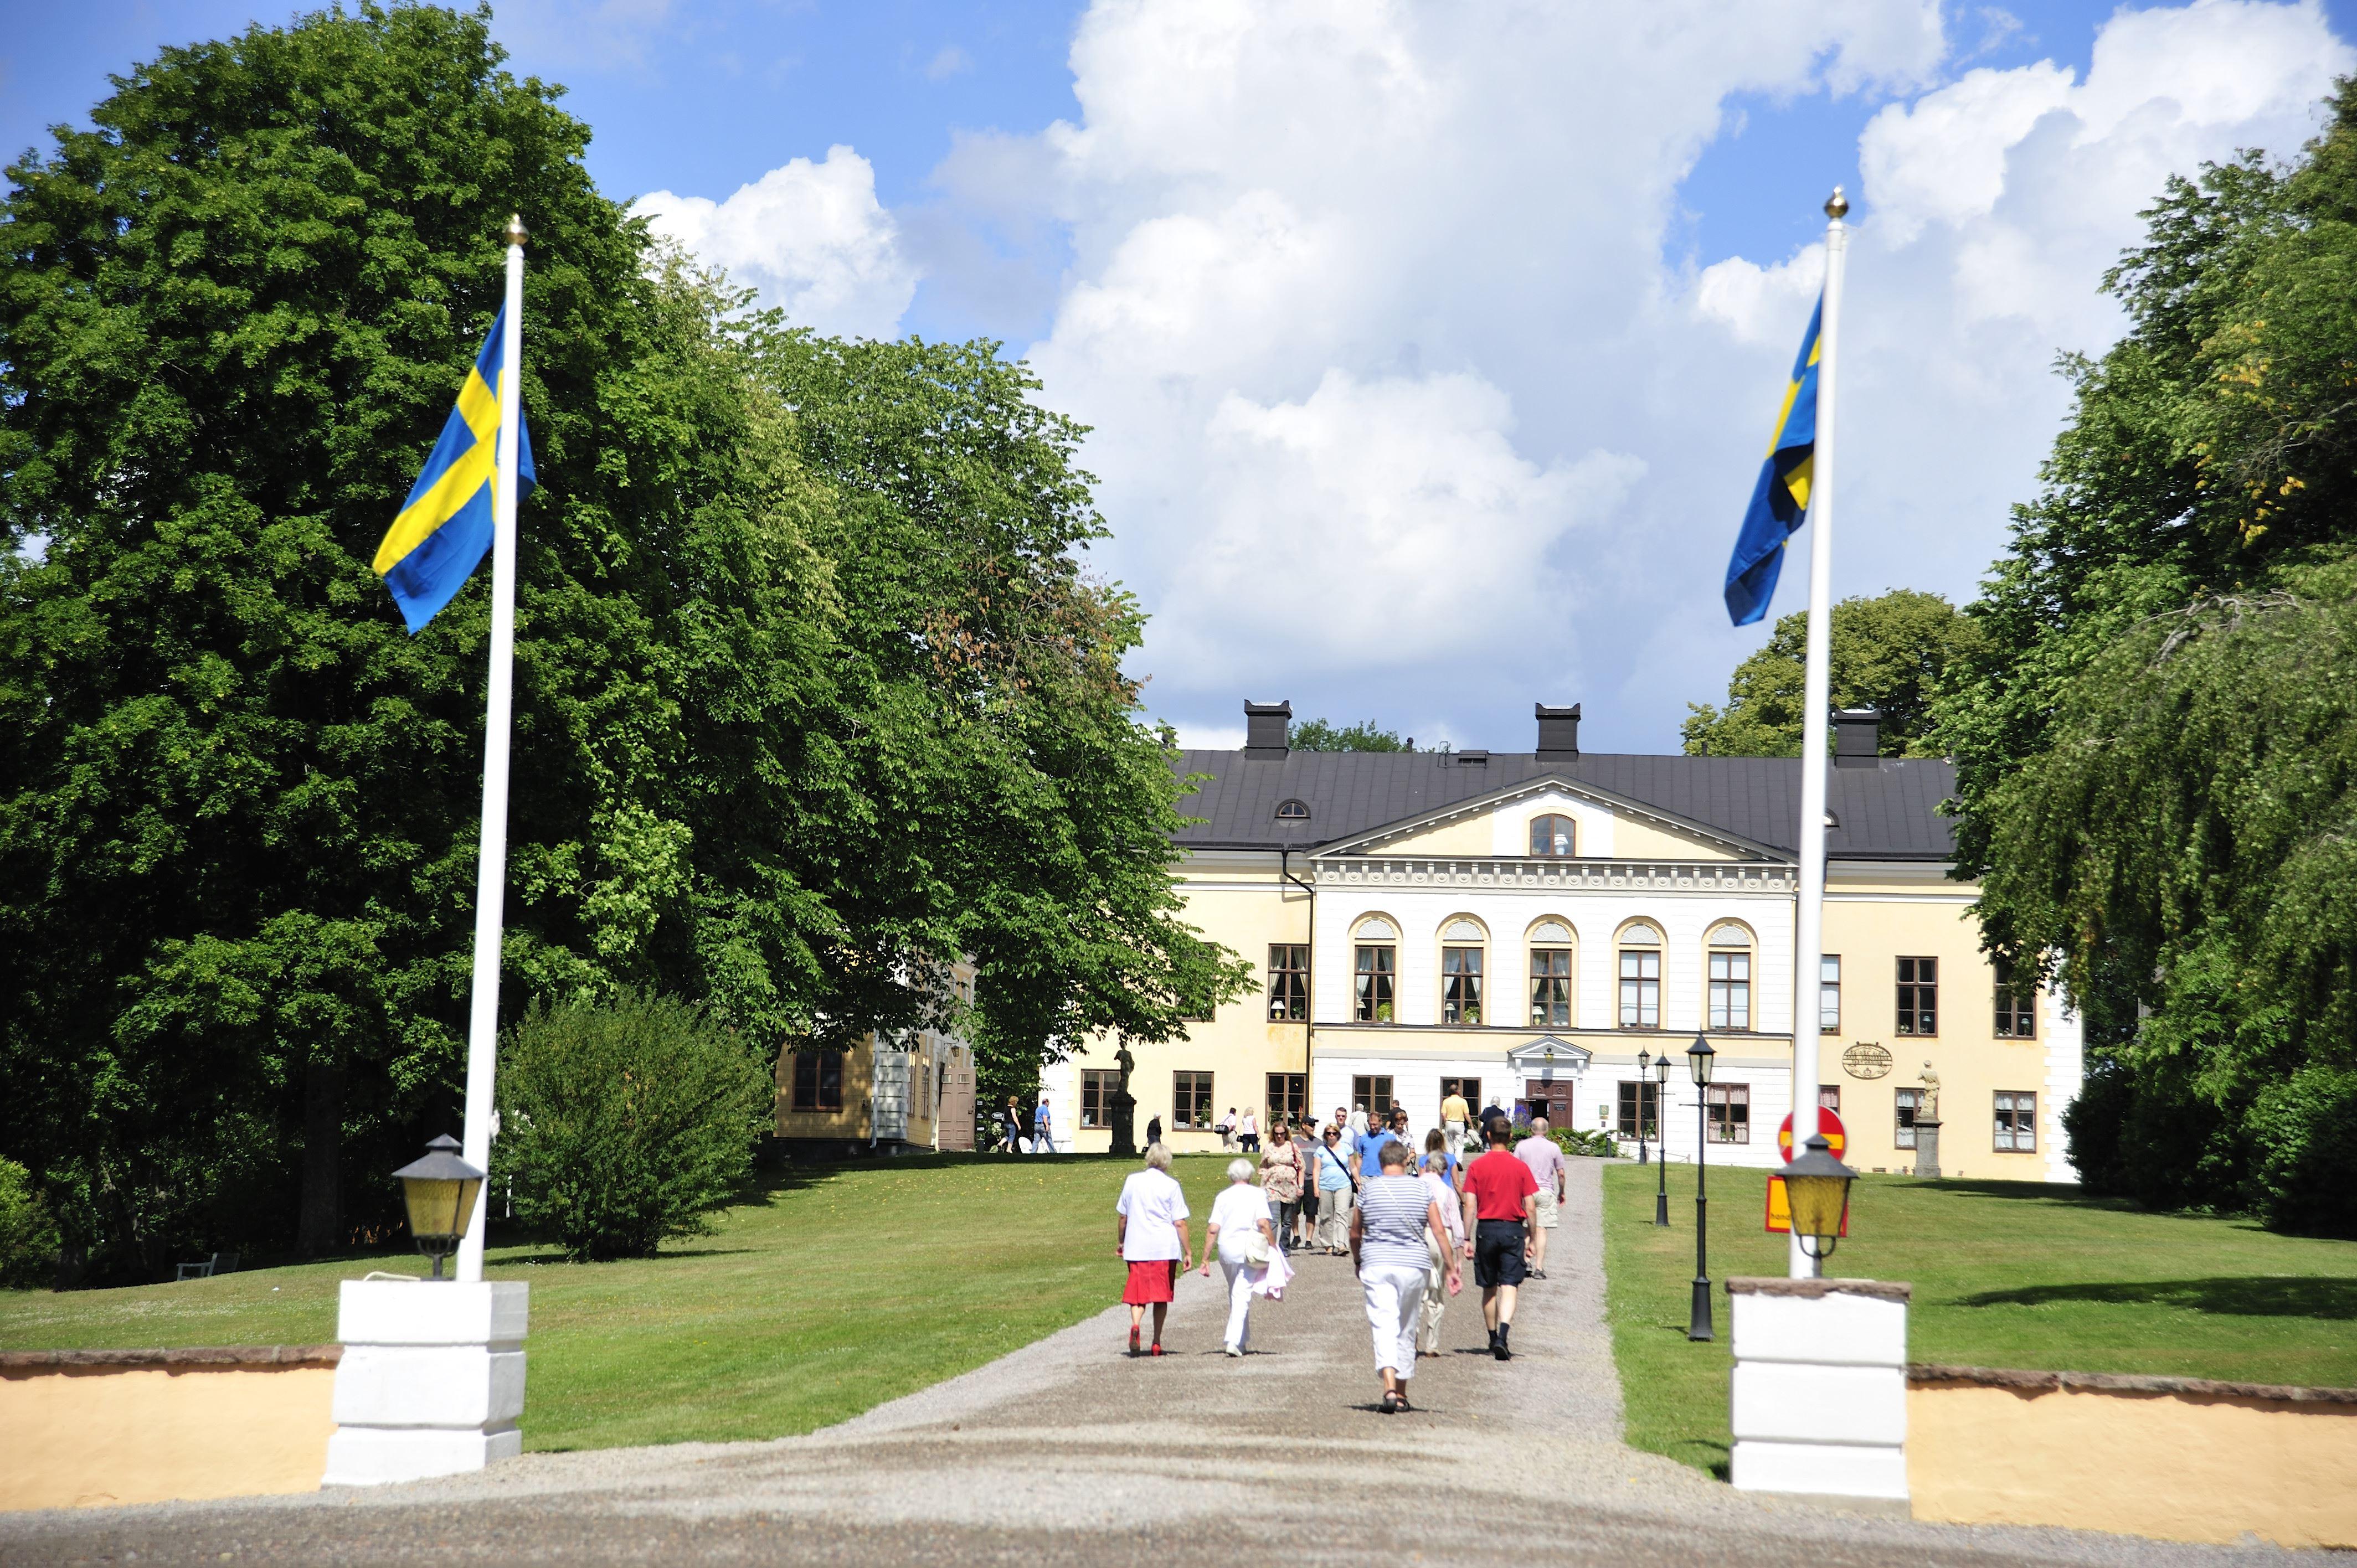 © Järnvägsmuseet, En solig dag vid Taxinge slott